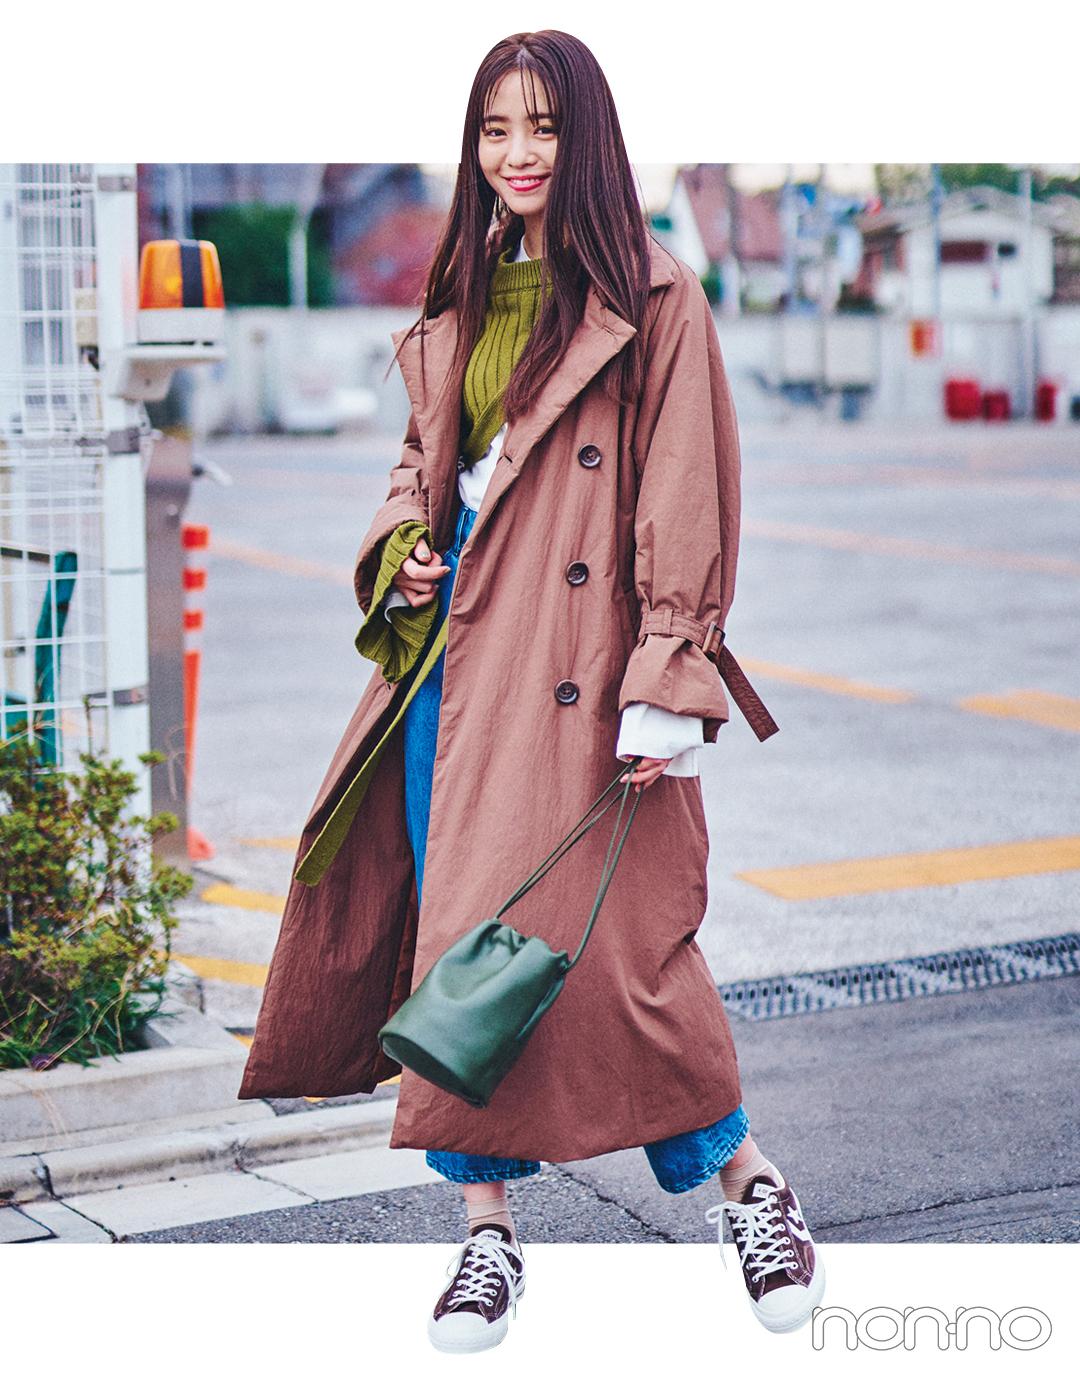 Photo Gallery 着こなしの参考に♡ ノンノモデルのリアル私服を公開!_1_27